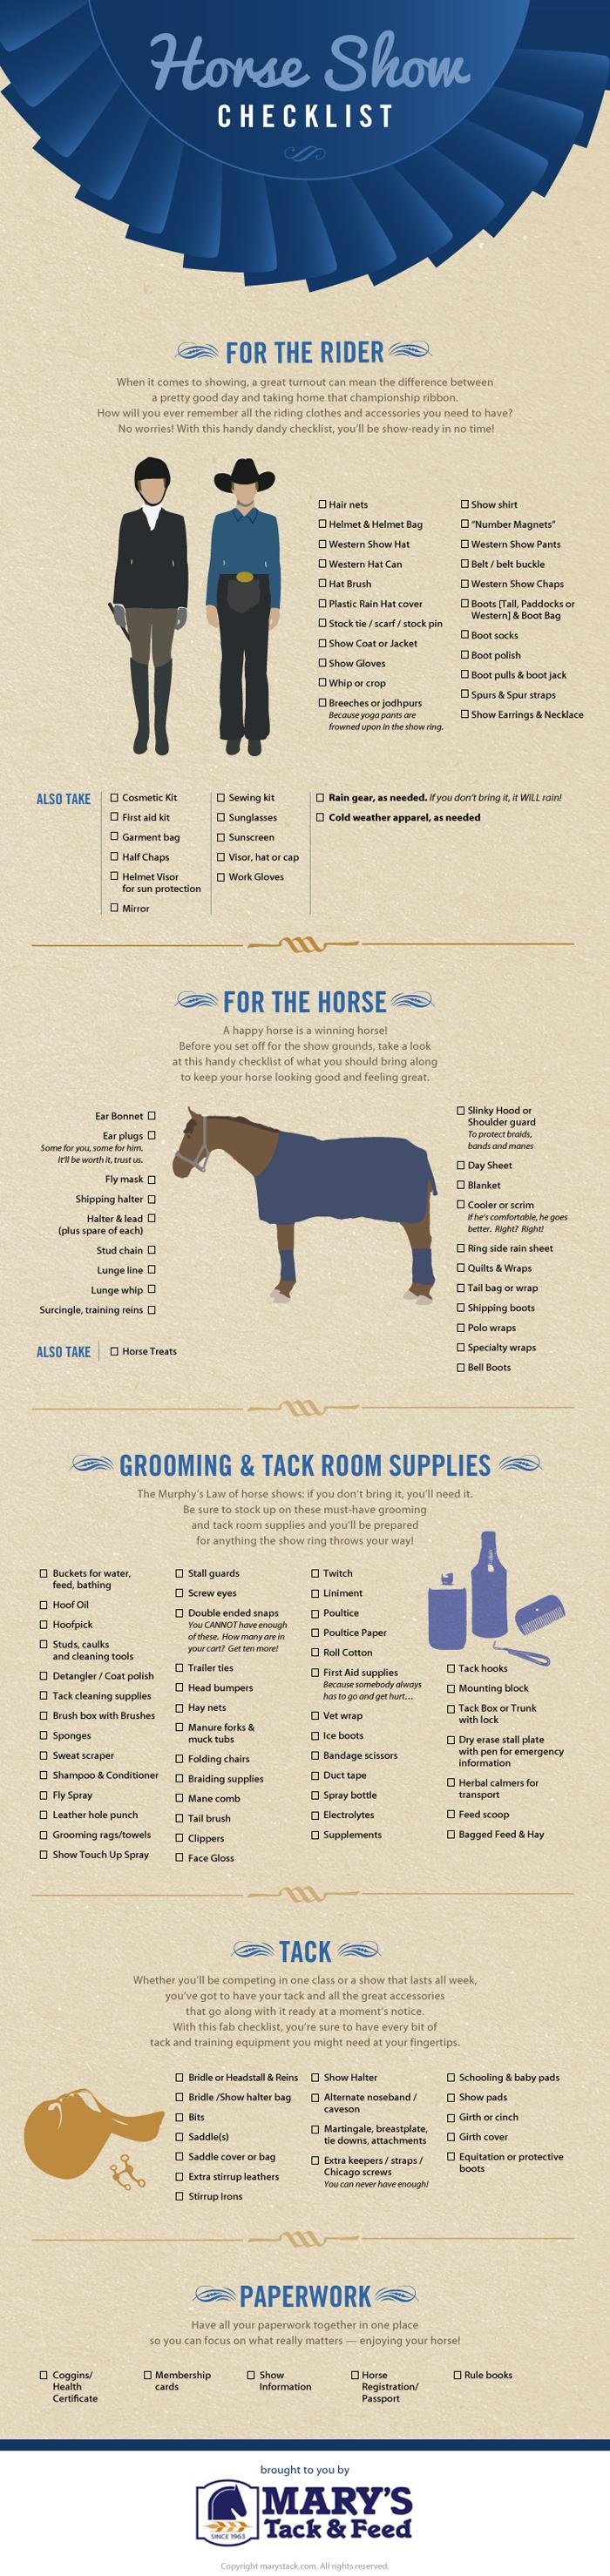 horseshowchecklist-3.7.13.jpg